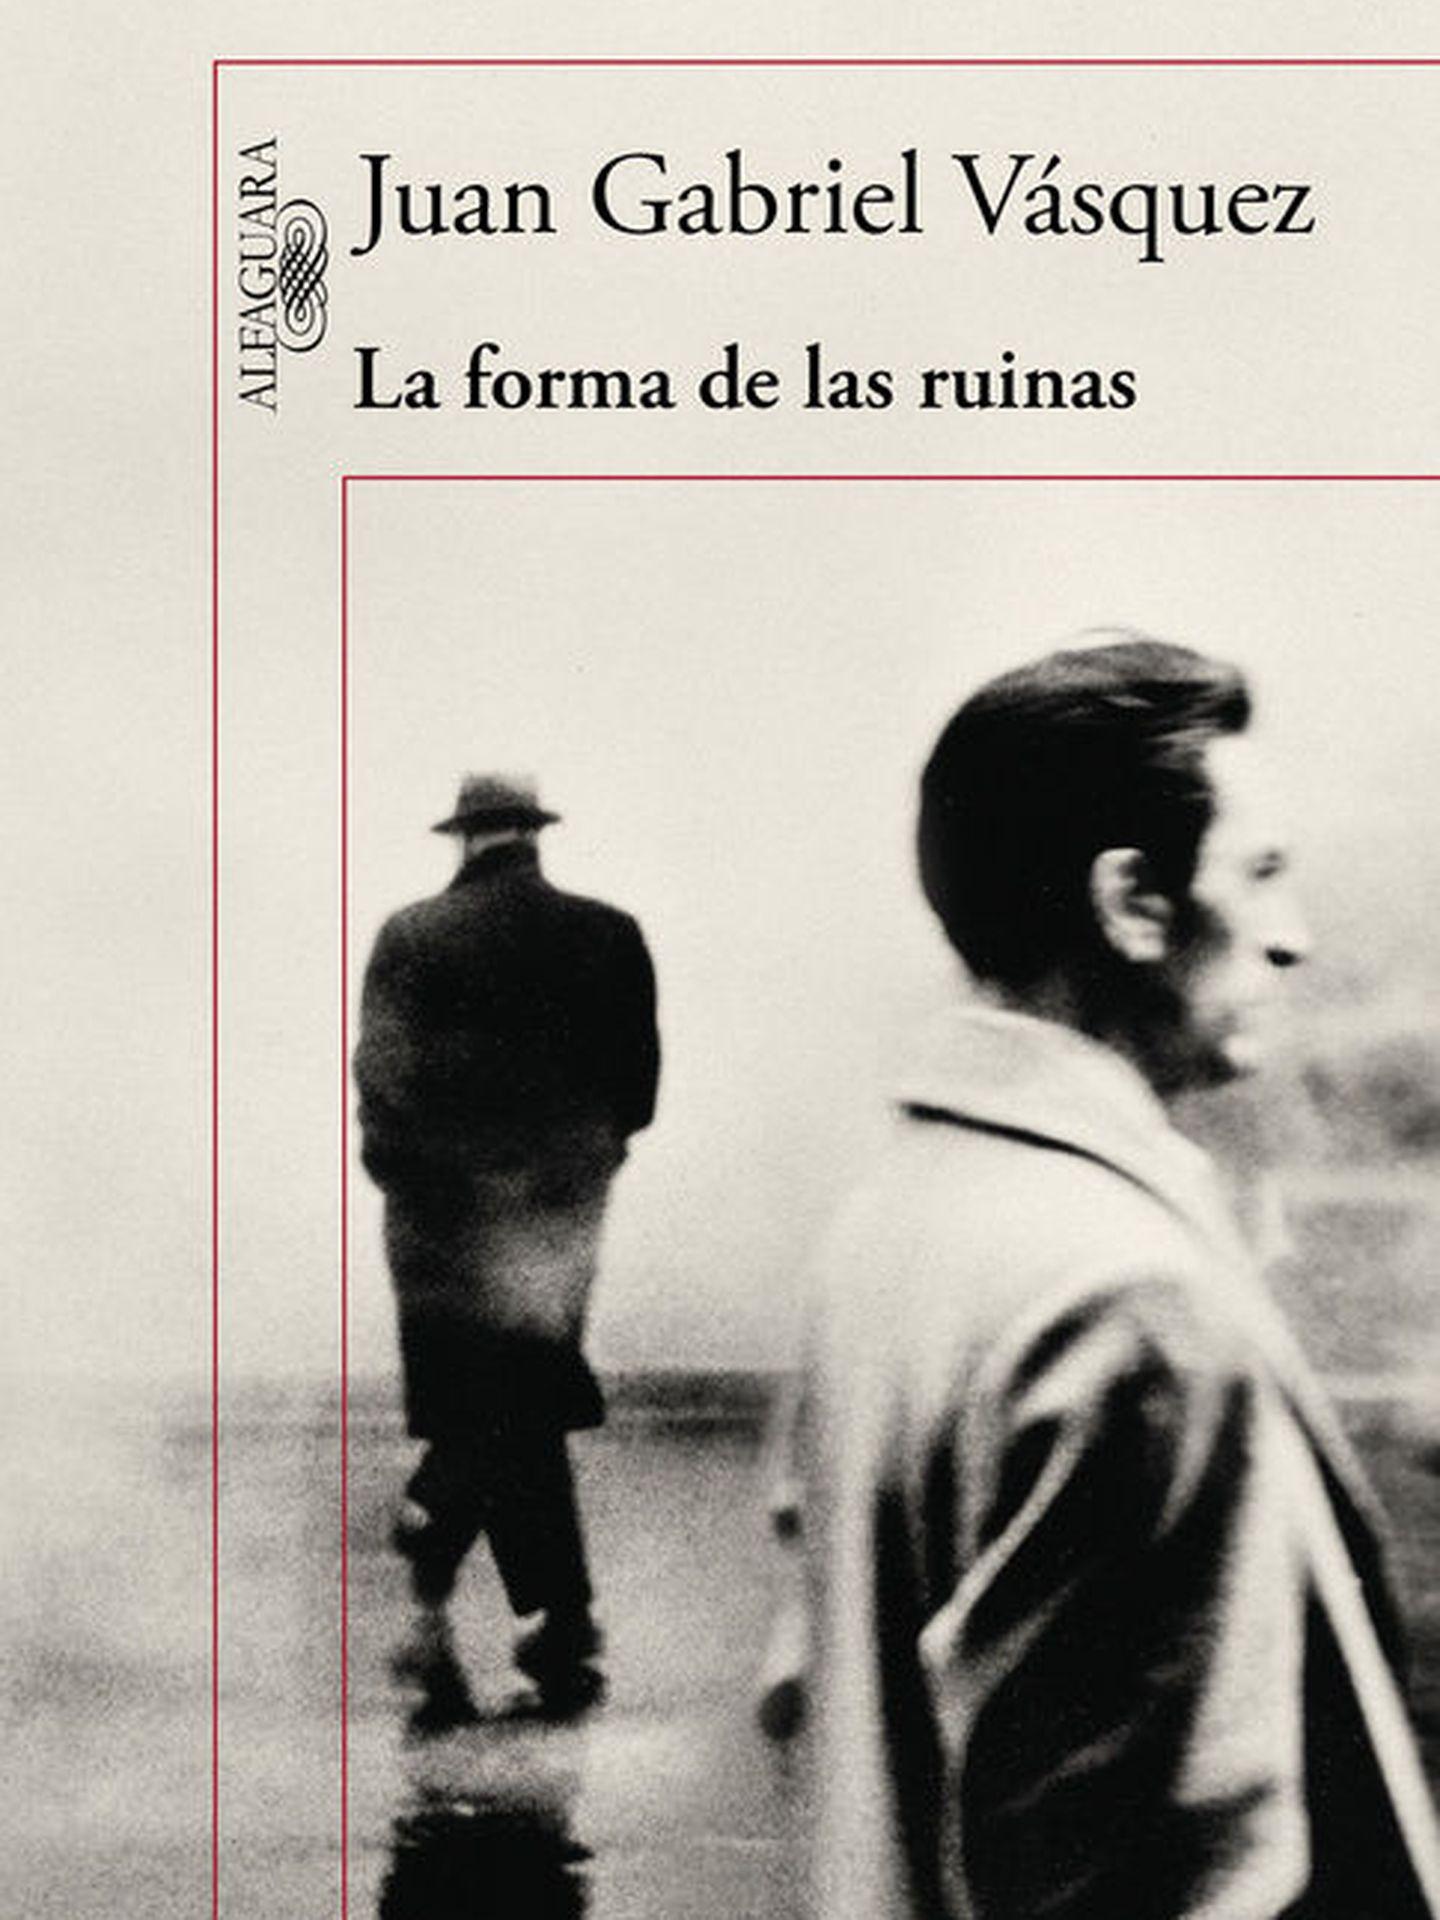 'La forma de las ruinas', de Juan Gabriel Vásquez